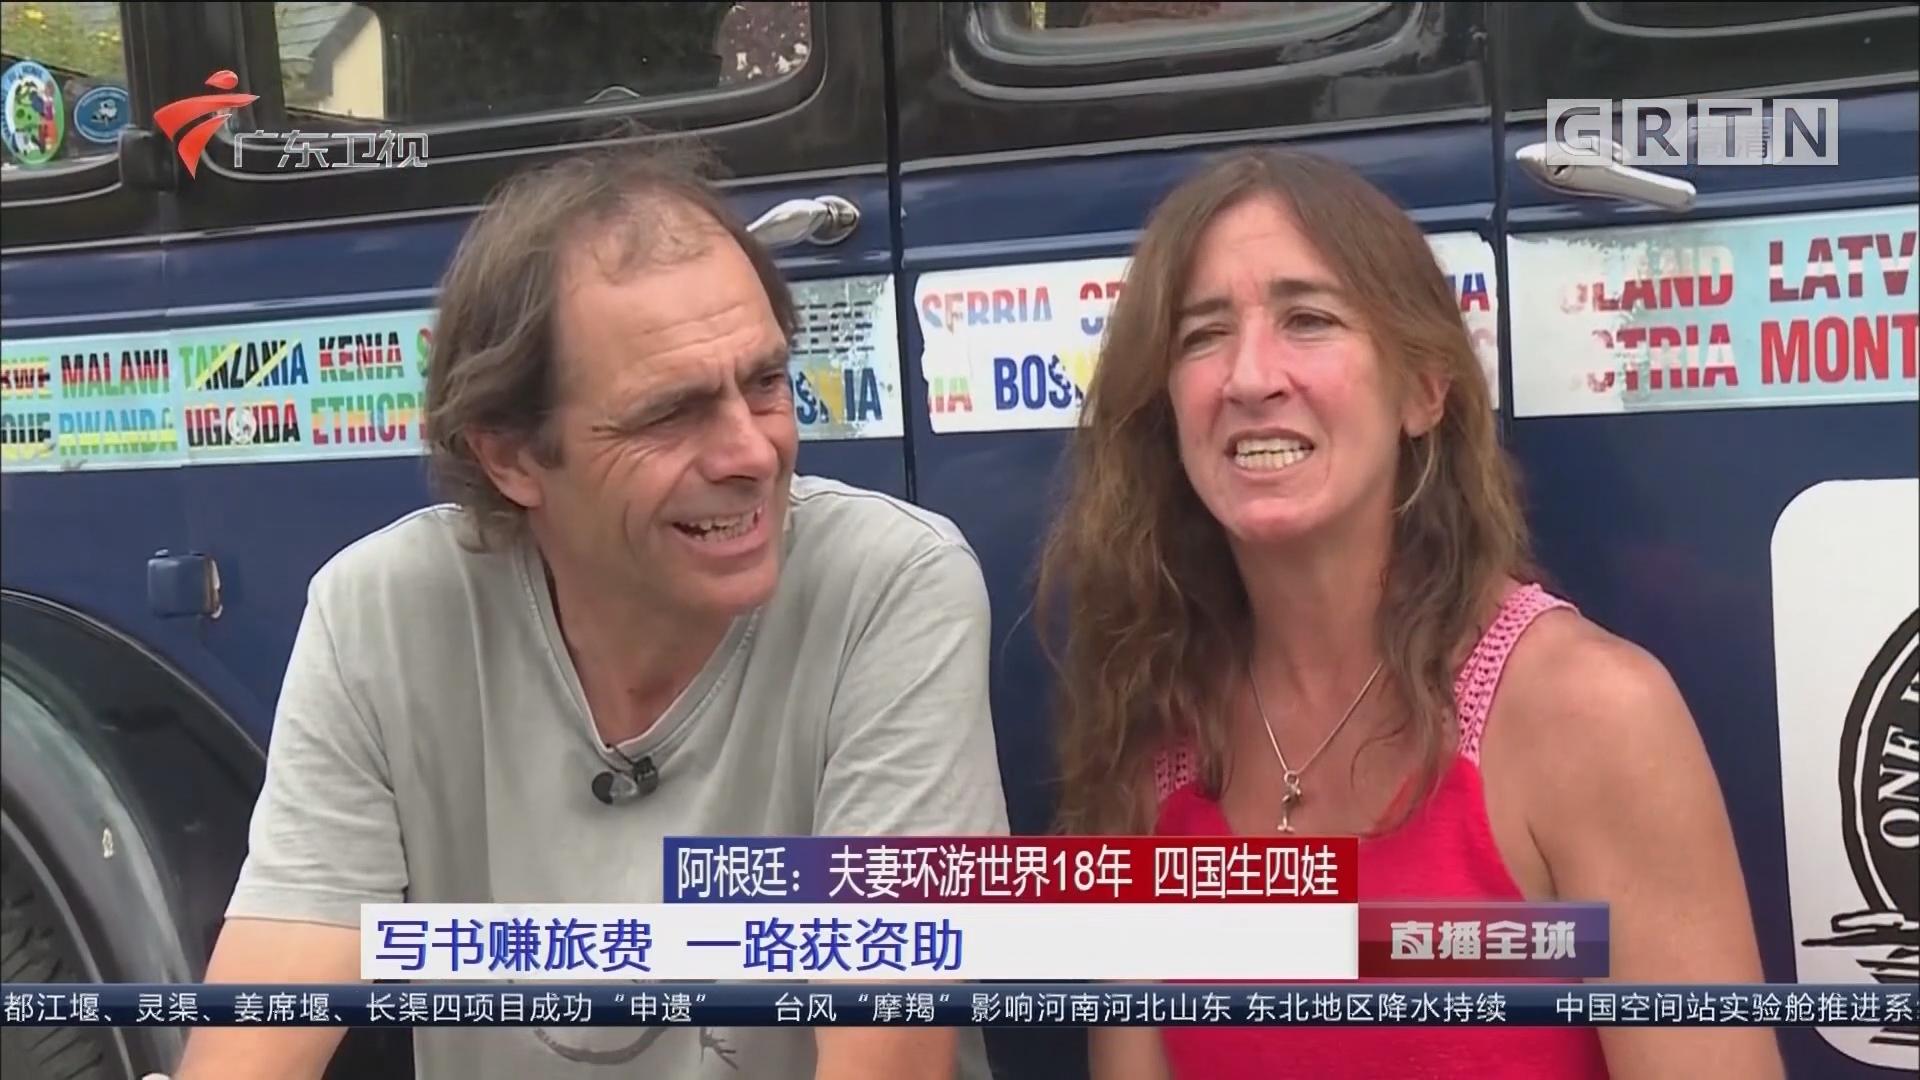 阿根廷:夫妻环游世界18年 四国生四娃 写书赚旅费 一路获资助